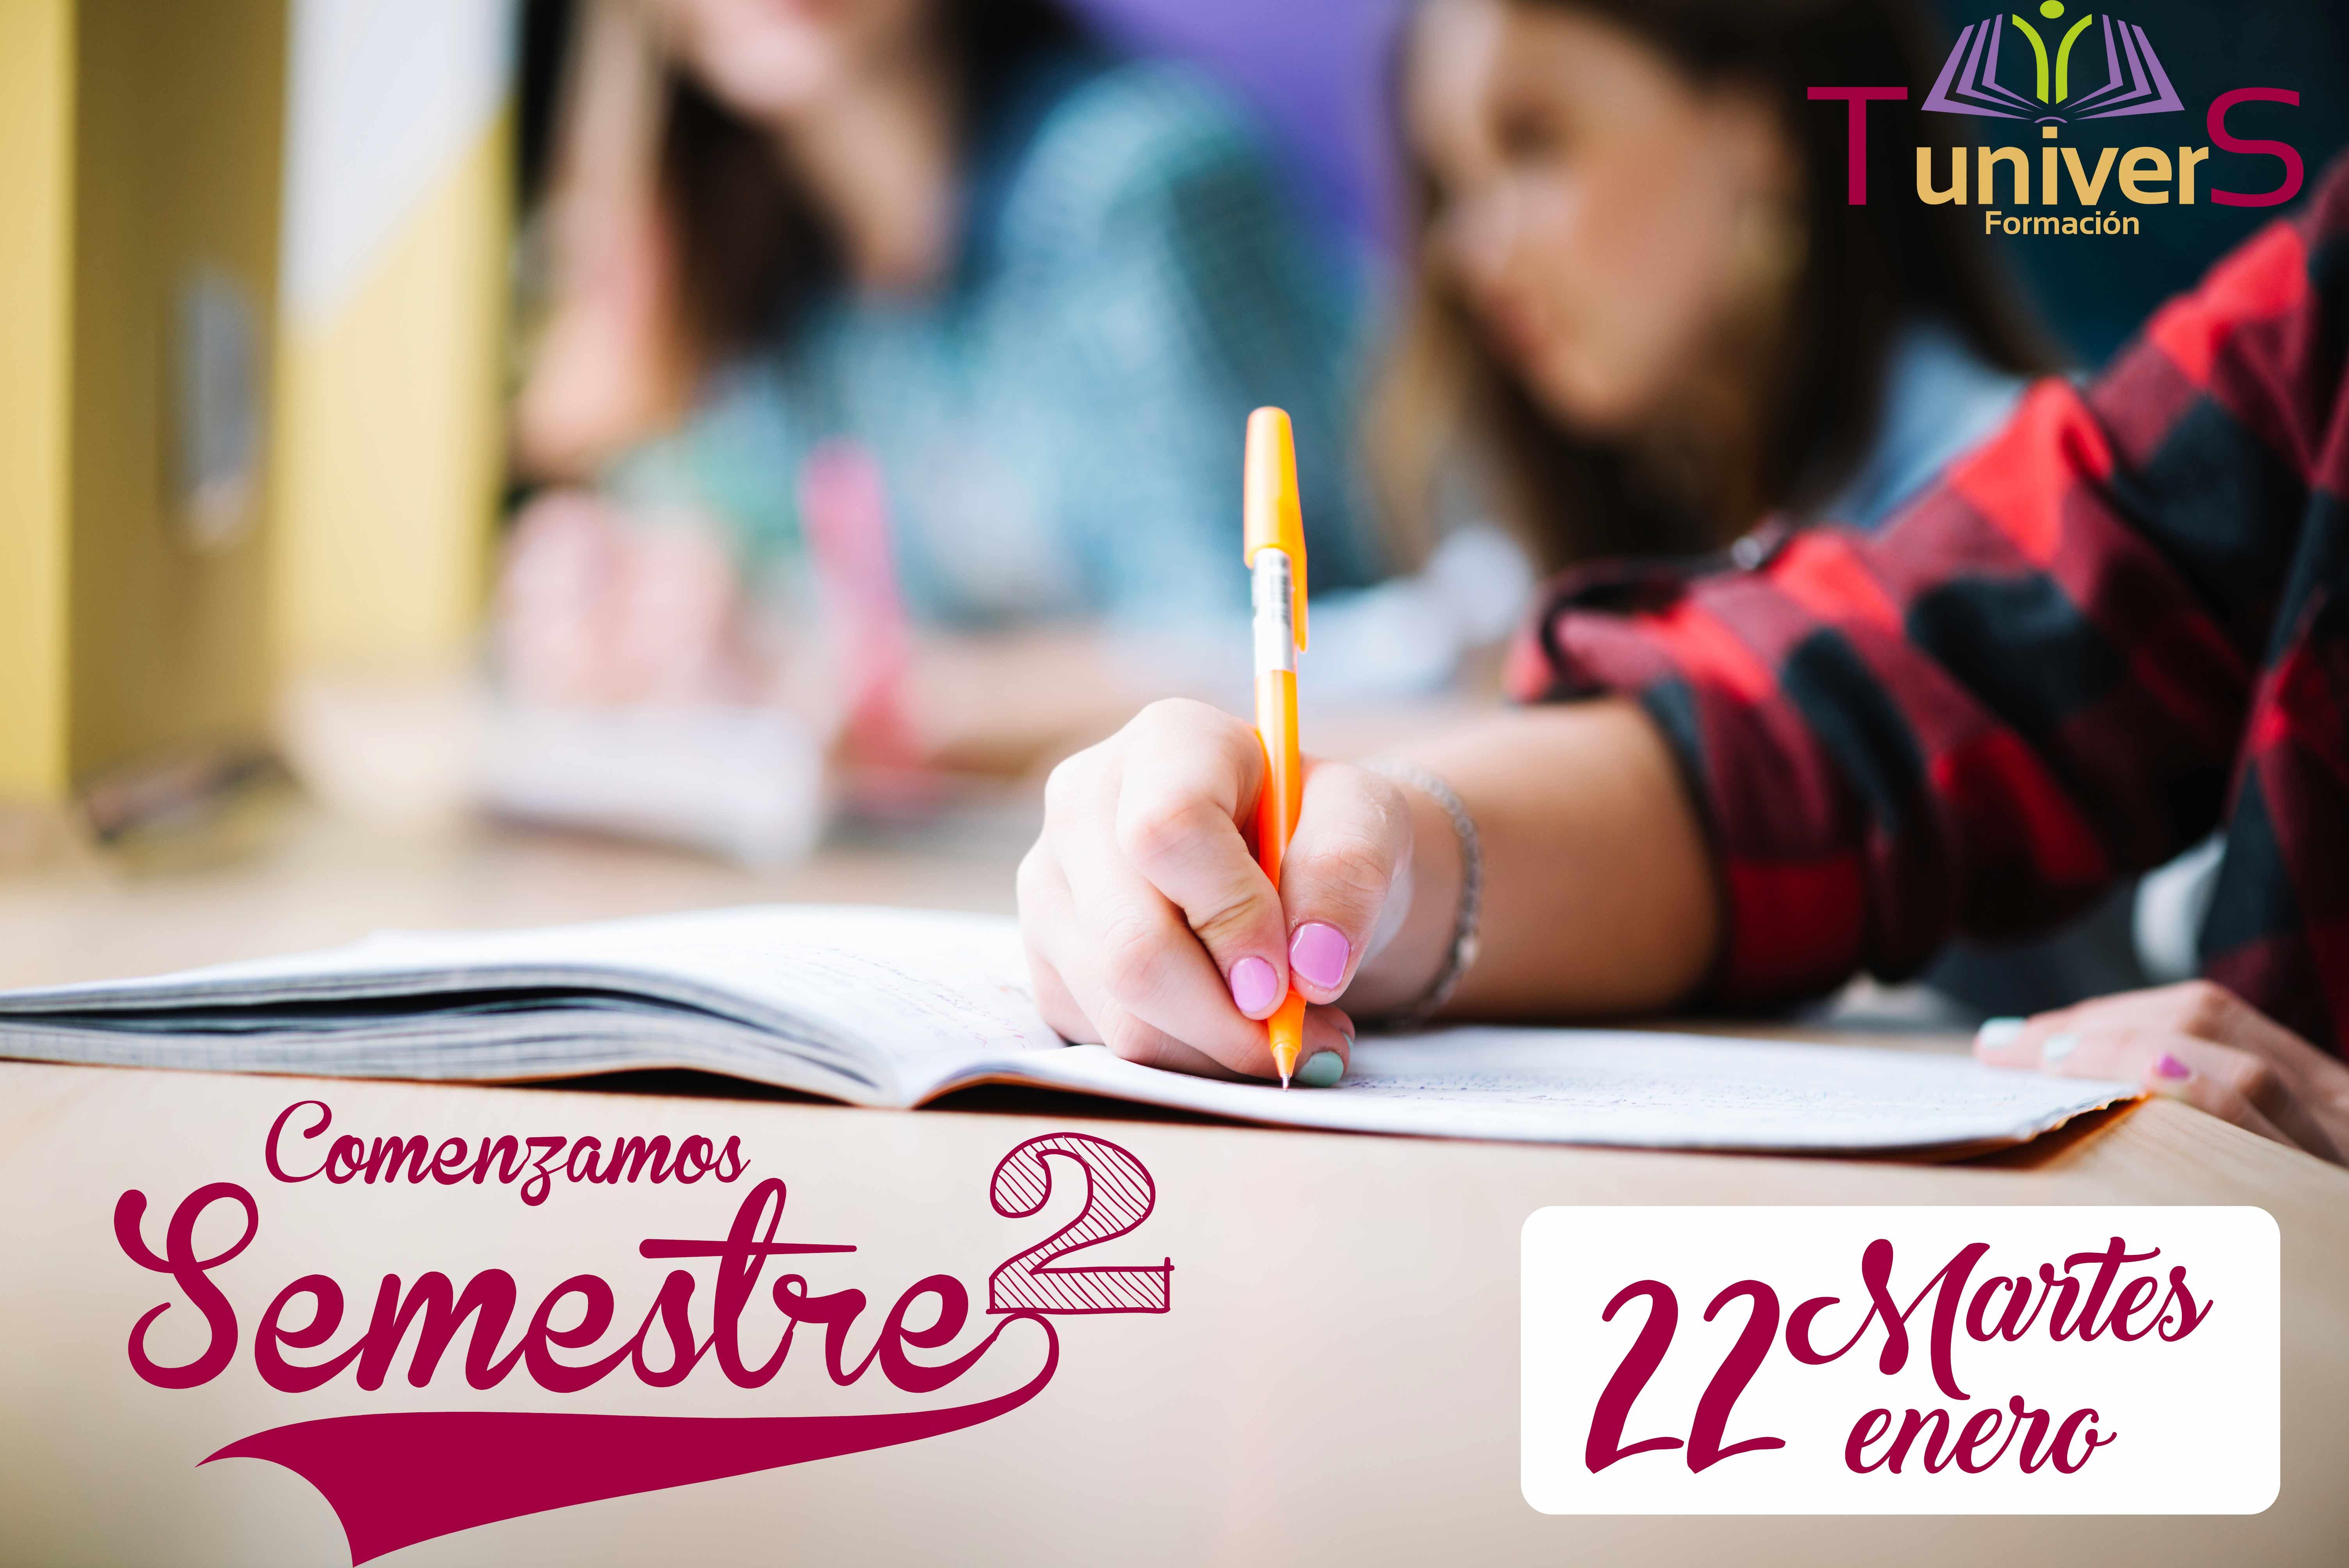 Semestre 2 - Grados Universitarios - Clases particulares